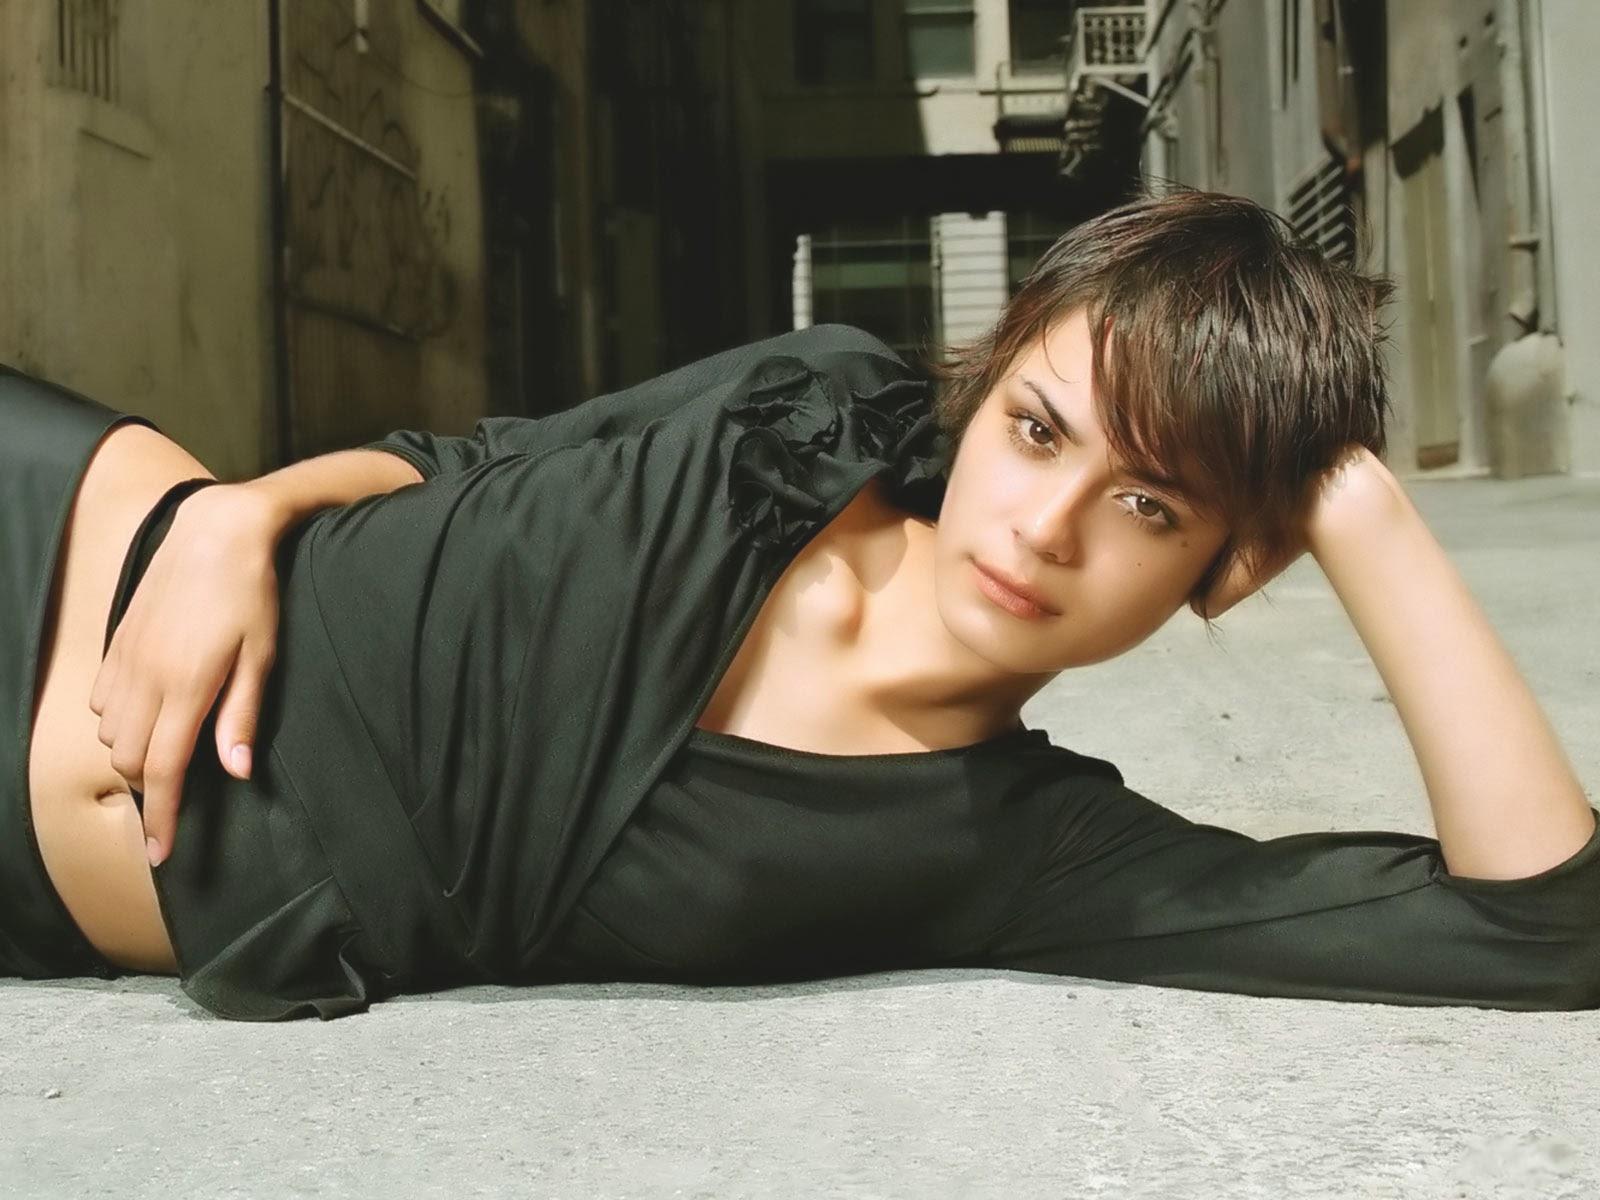 Lina Esco hot